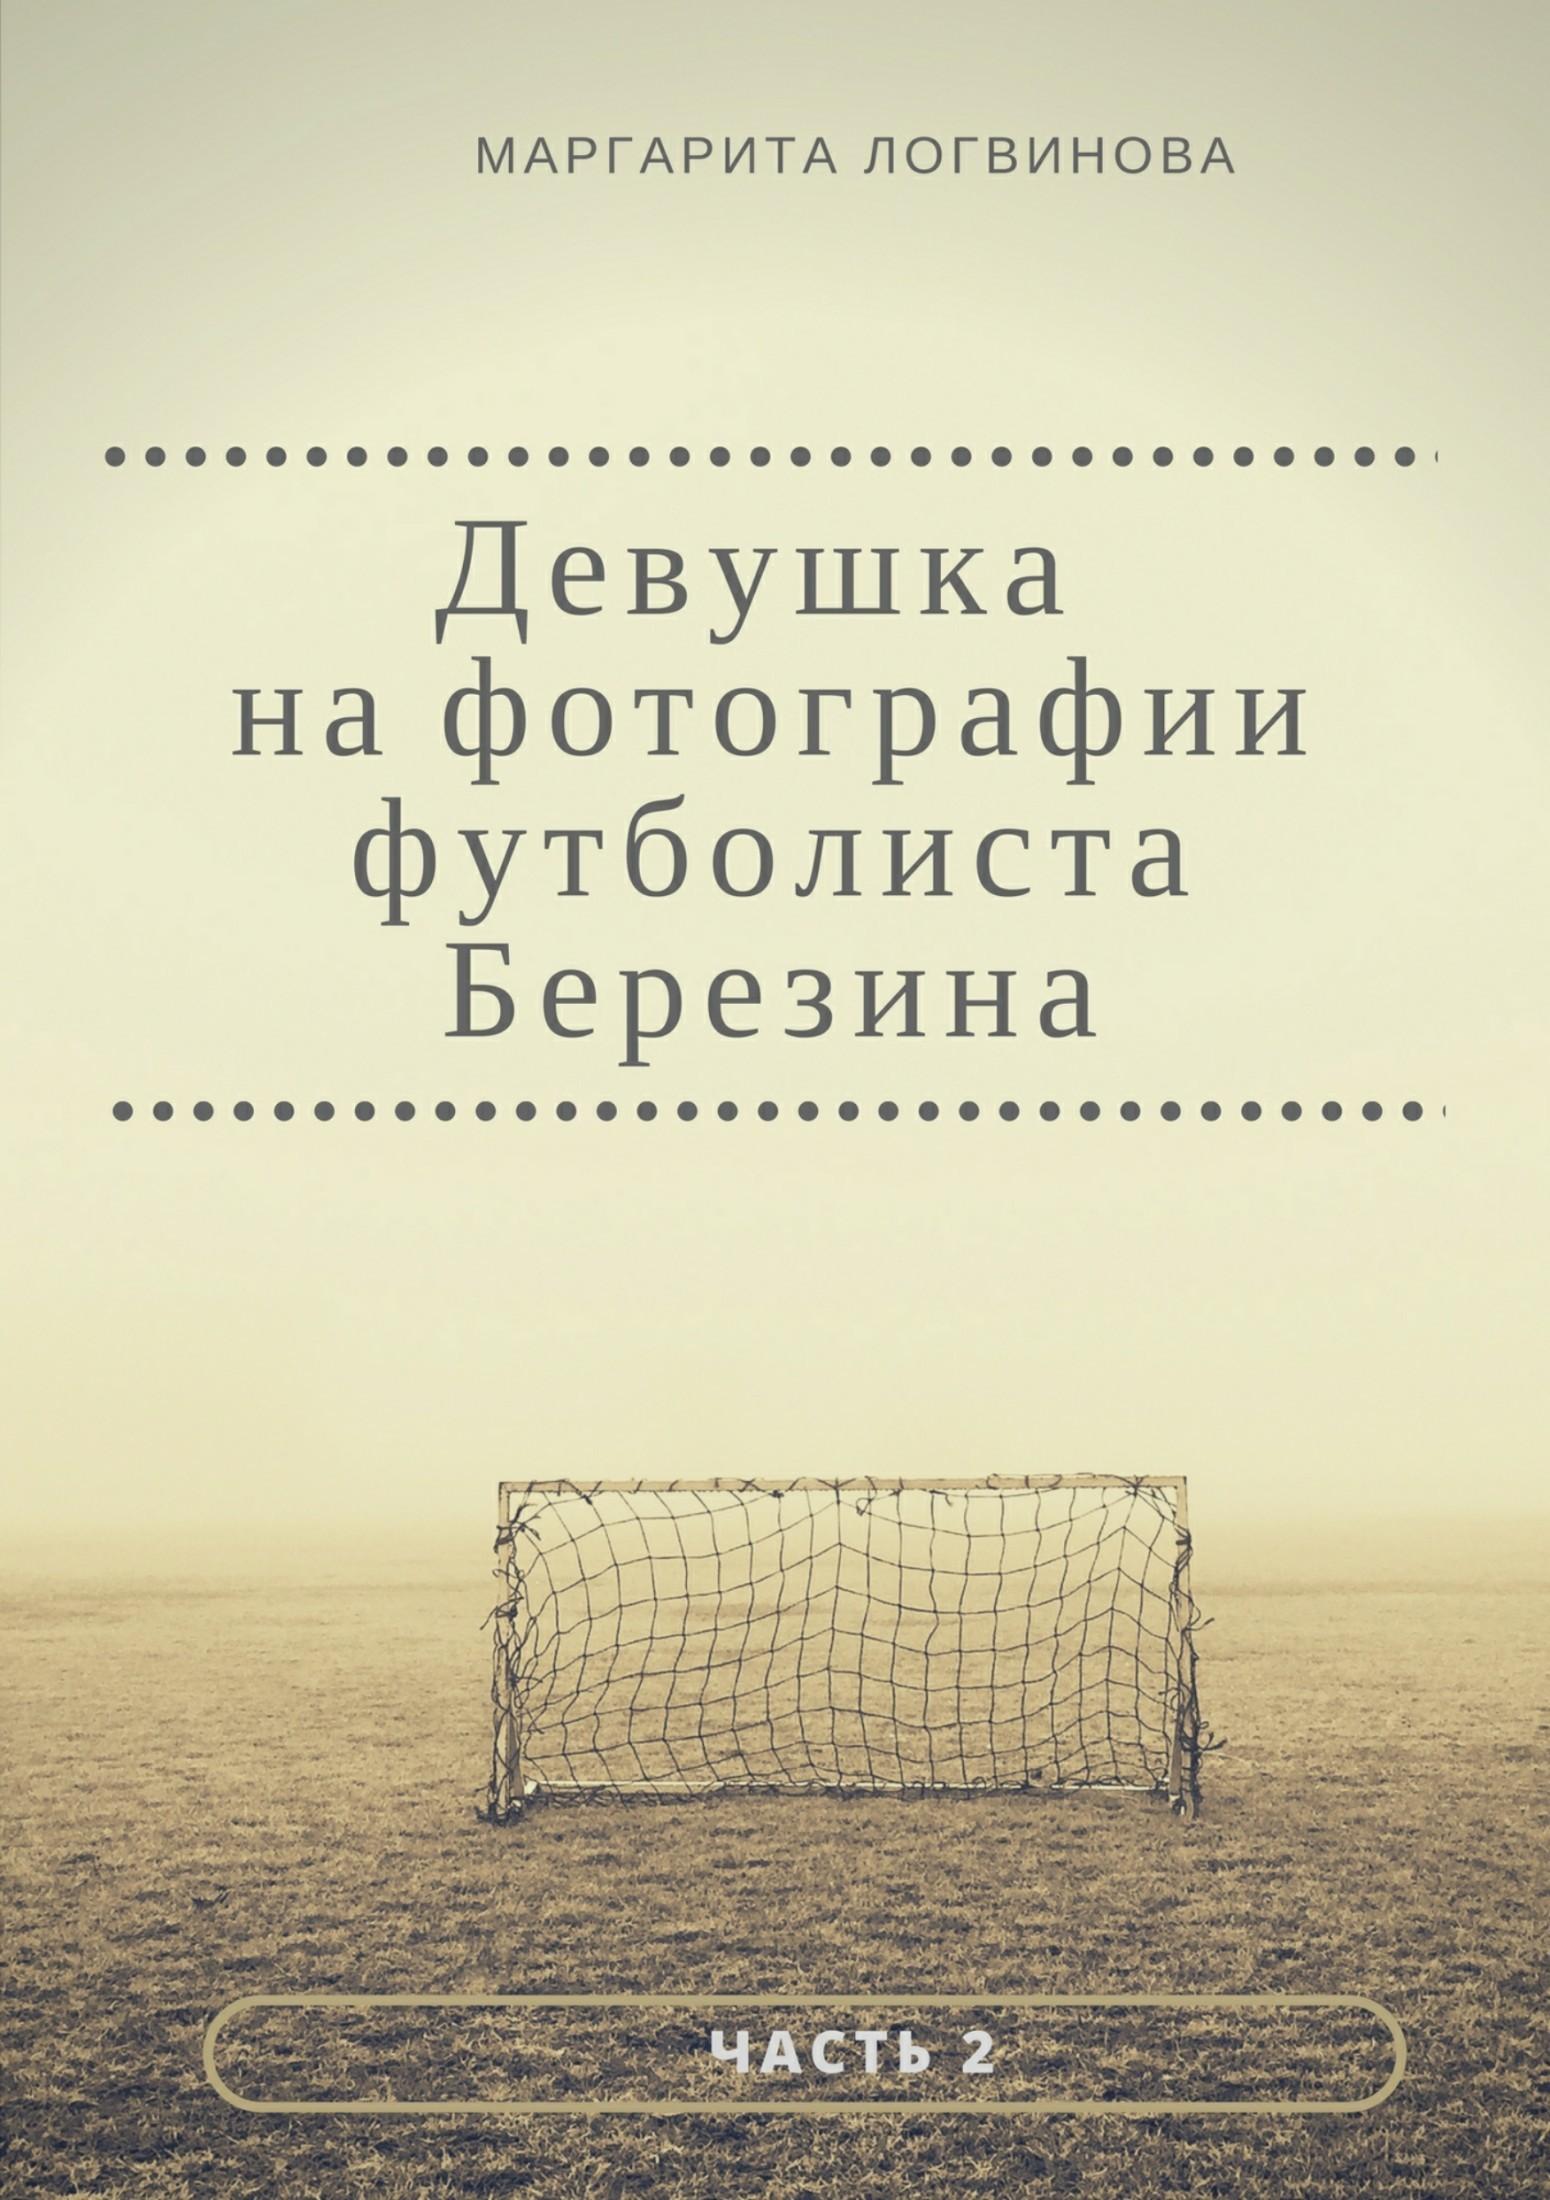 Маргарита Игоревна Логвинова Девушка на фотографии футболиста Березина. Часть 2